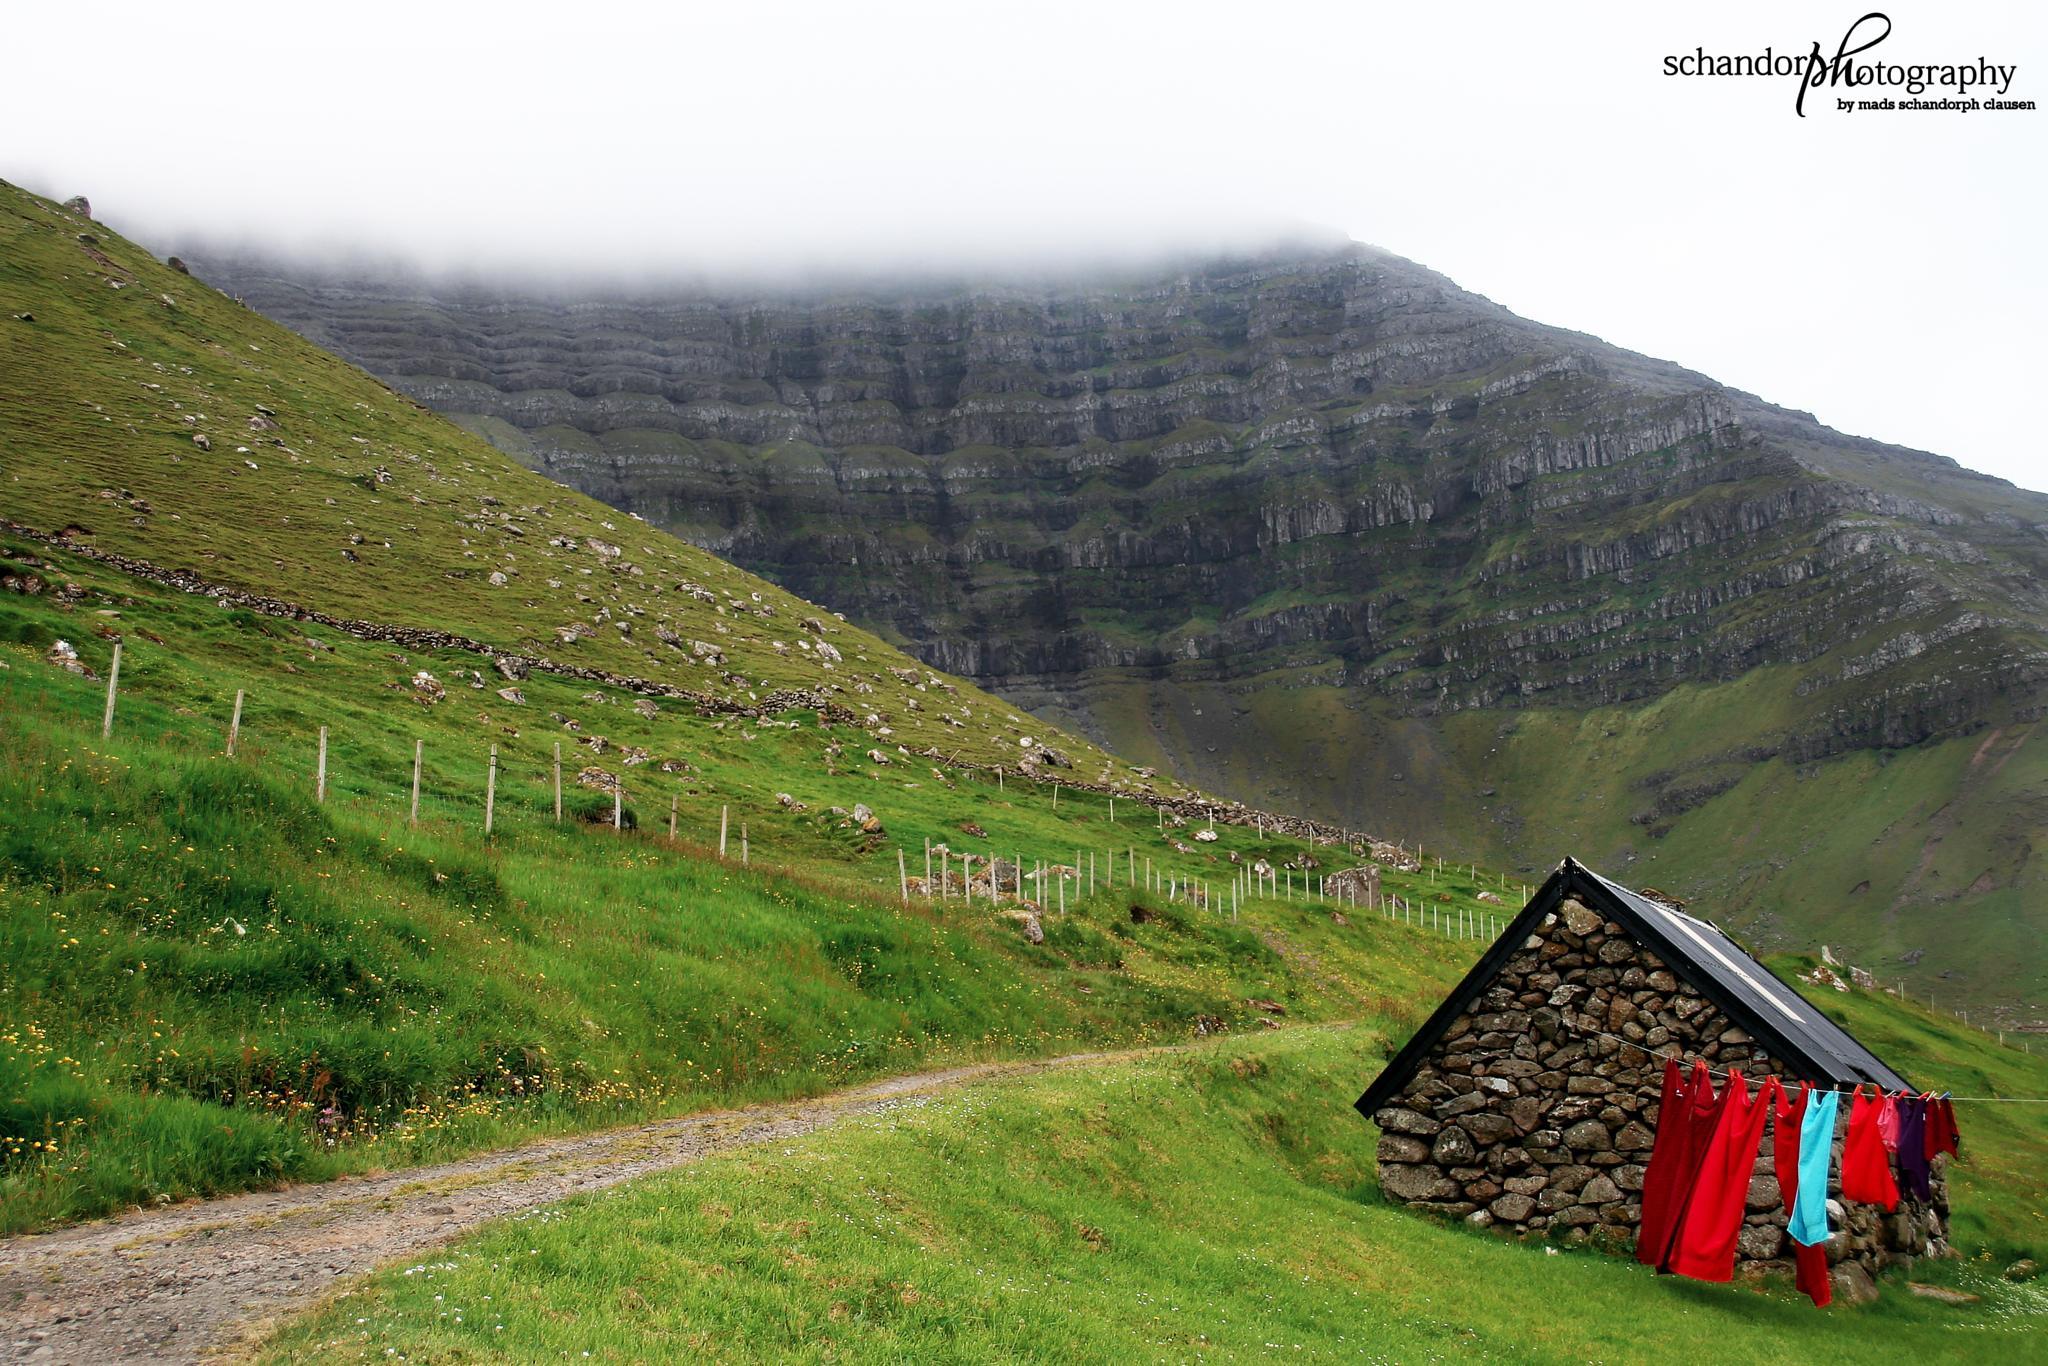 Airing - Faroe Islands by Mads Schandorph Clausen